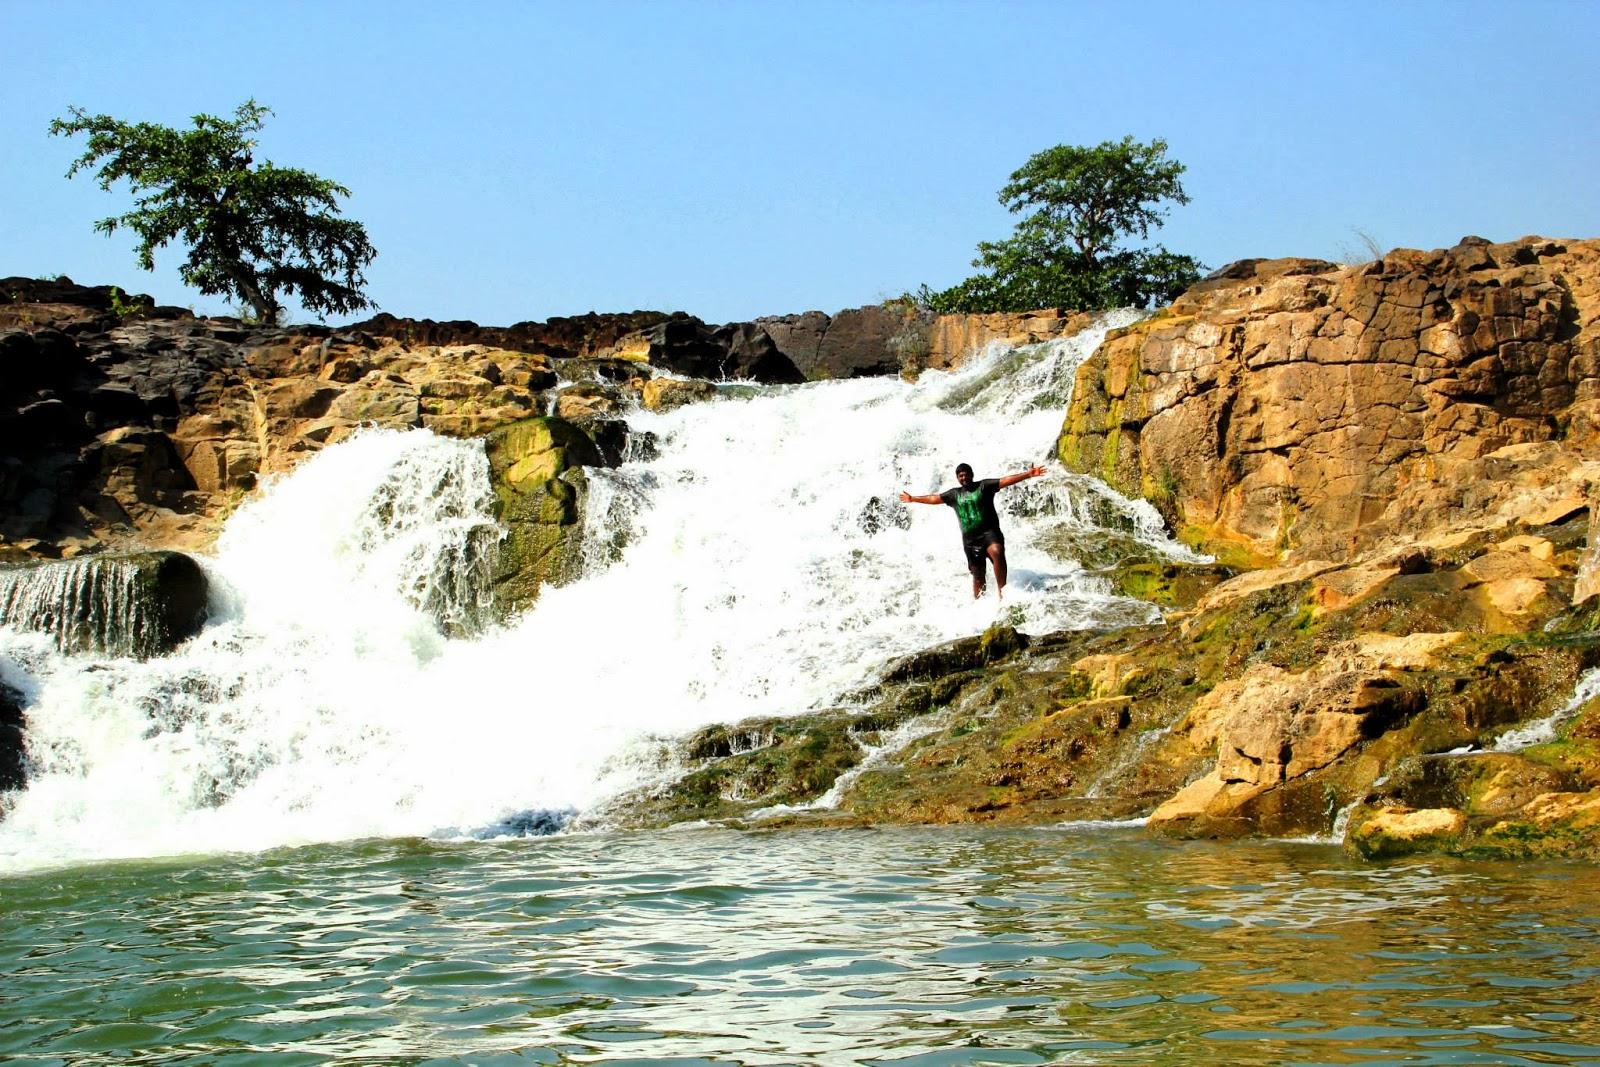 Kanakai waterfalls